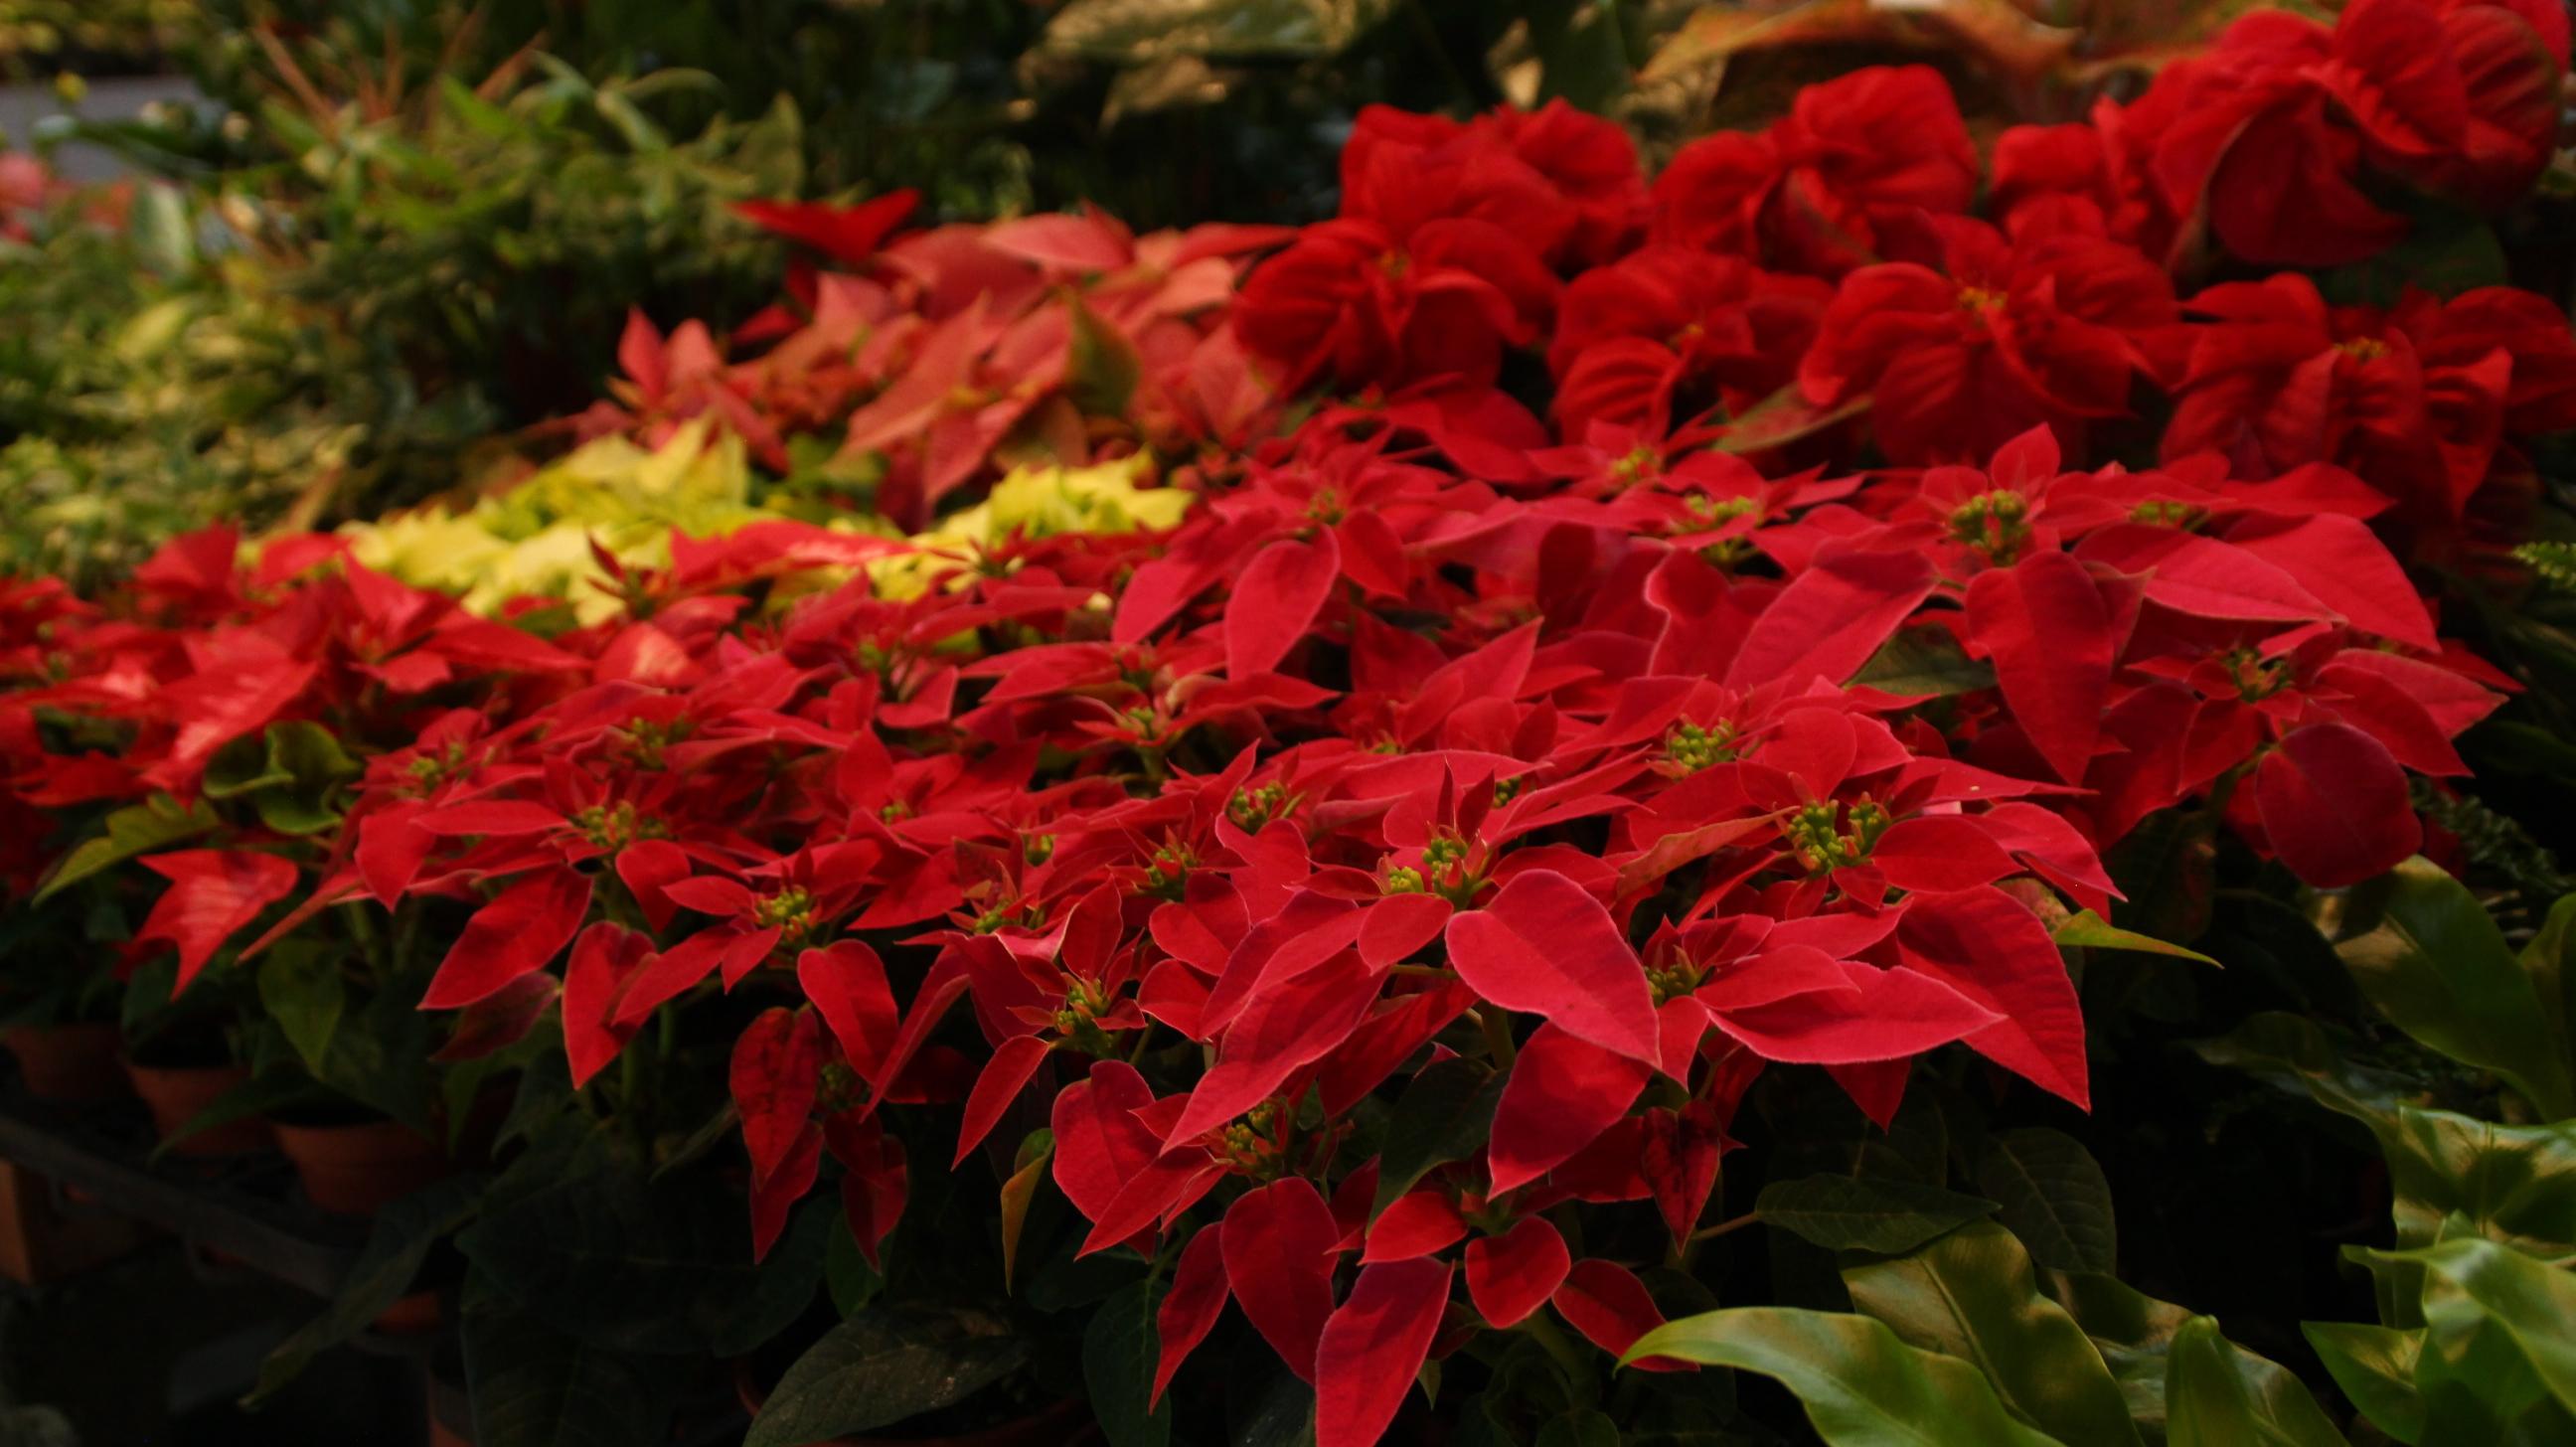 聖誕節將近,許多業者把握商機,陳列相關商品供民眾參觀選購。 攝影/林冠宇